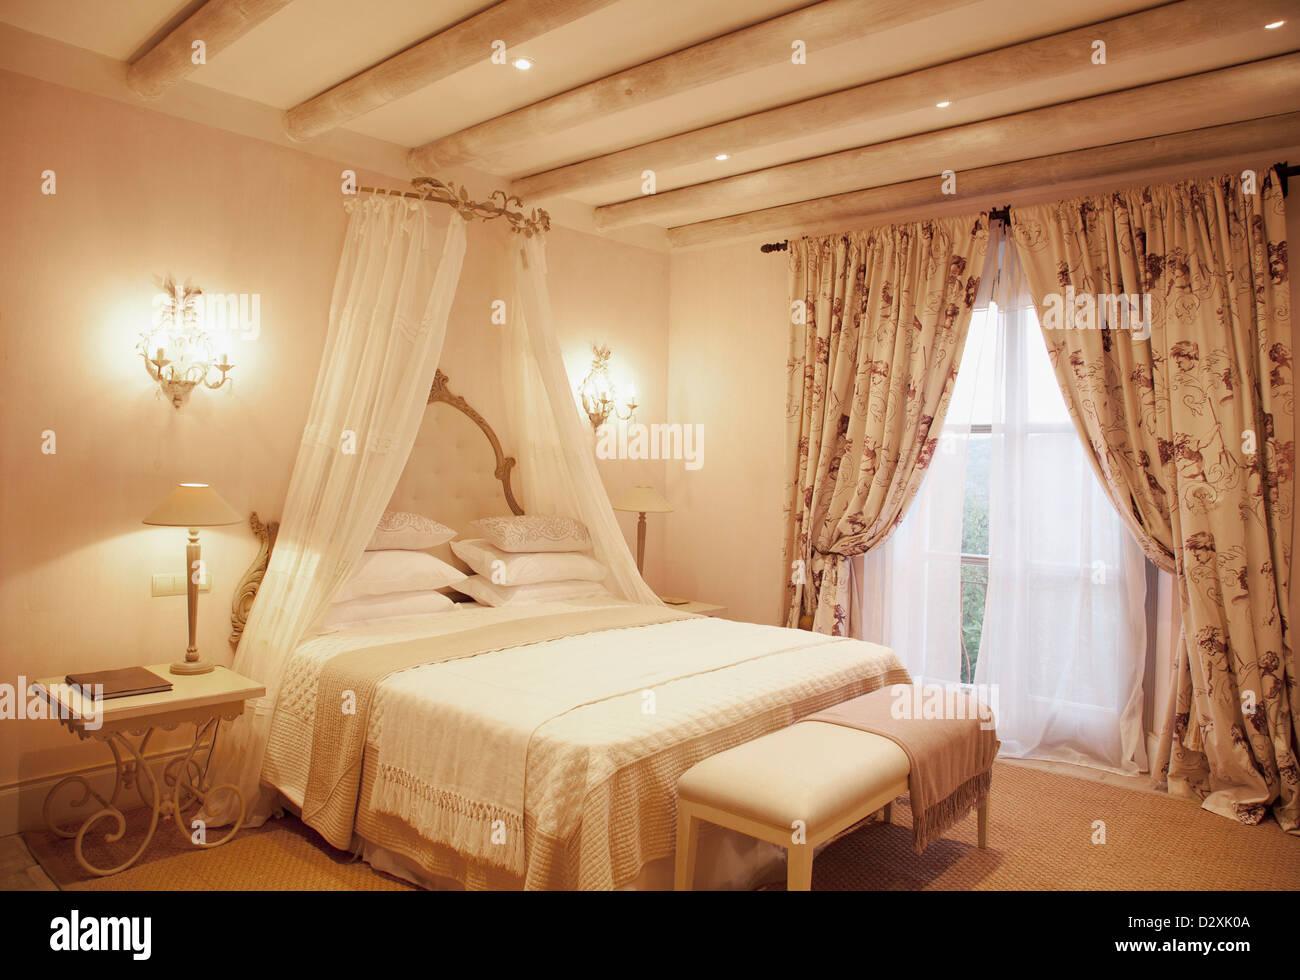 Wandlampen und Baldachin über dem Bett im Schlafzimmer Luxus ...